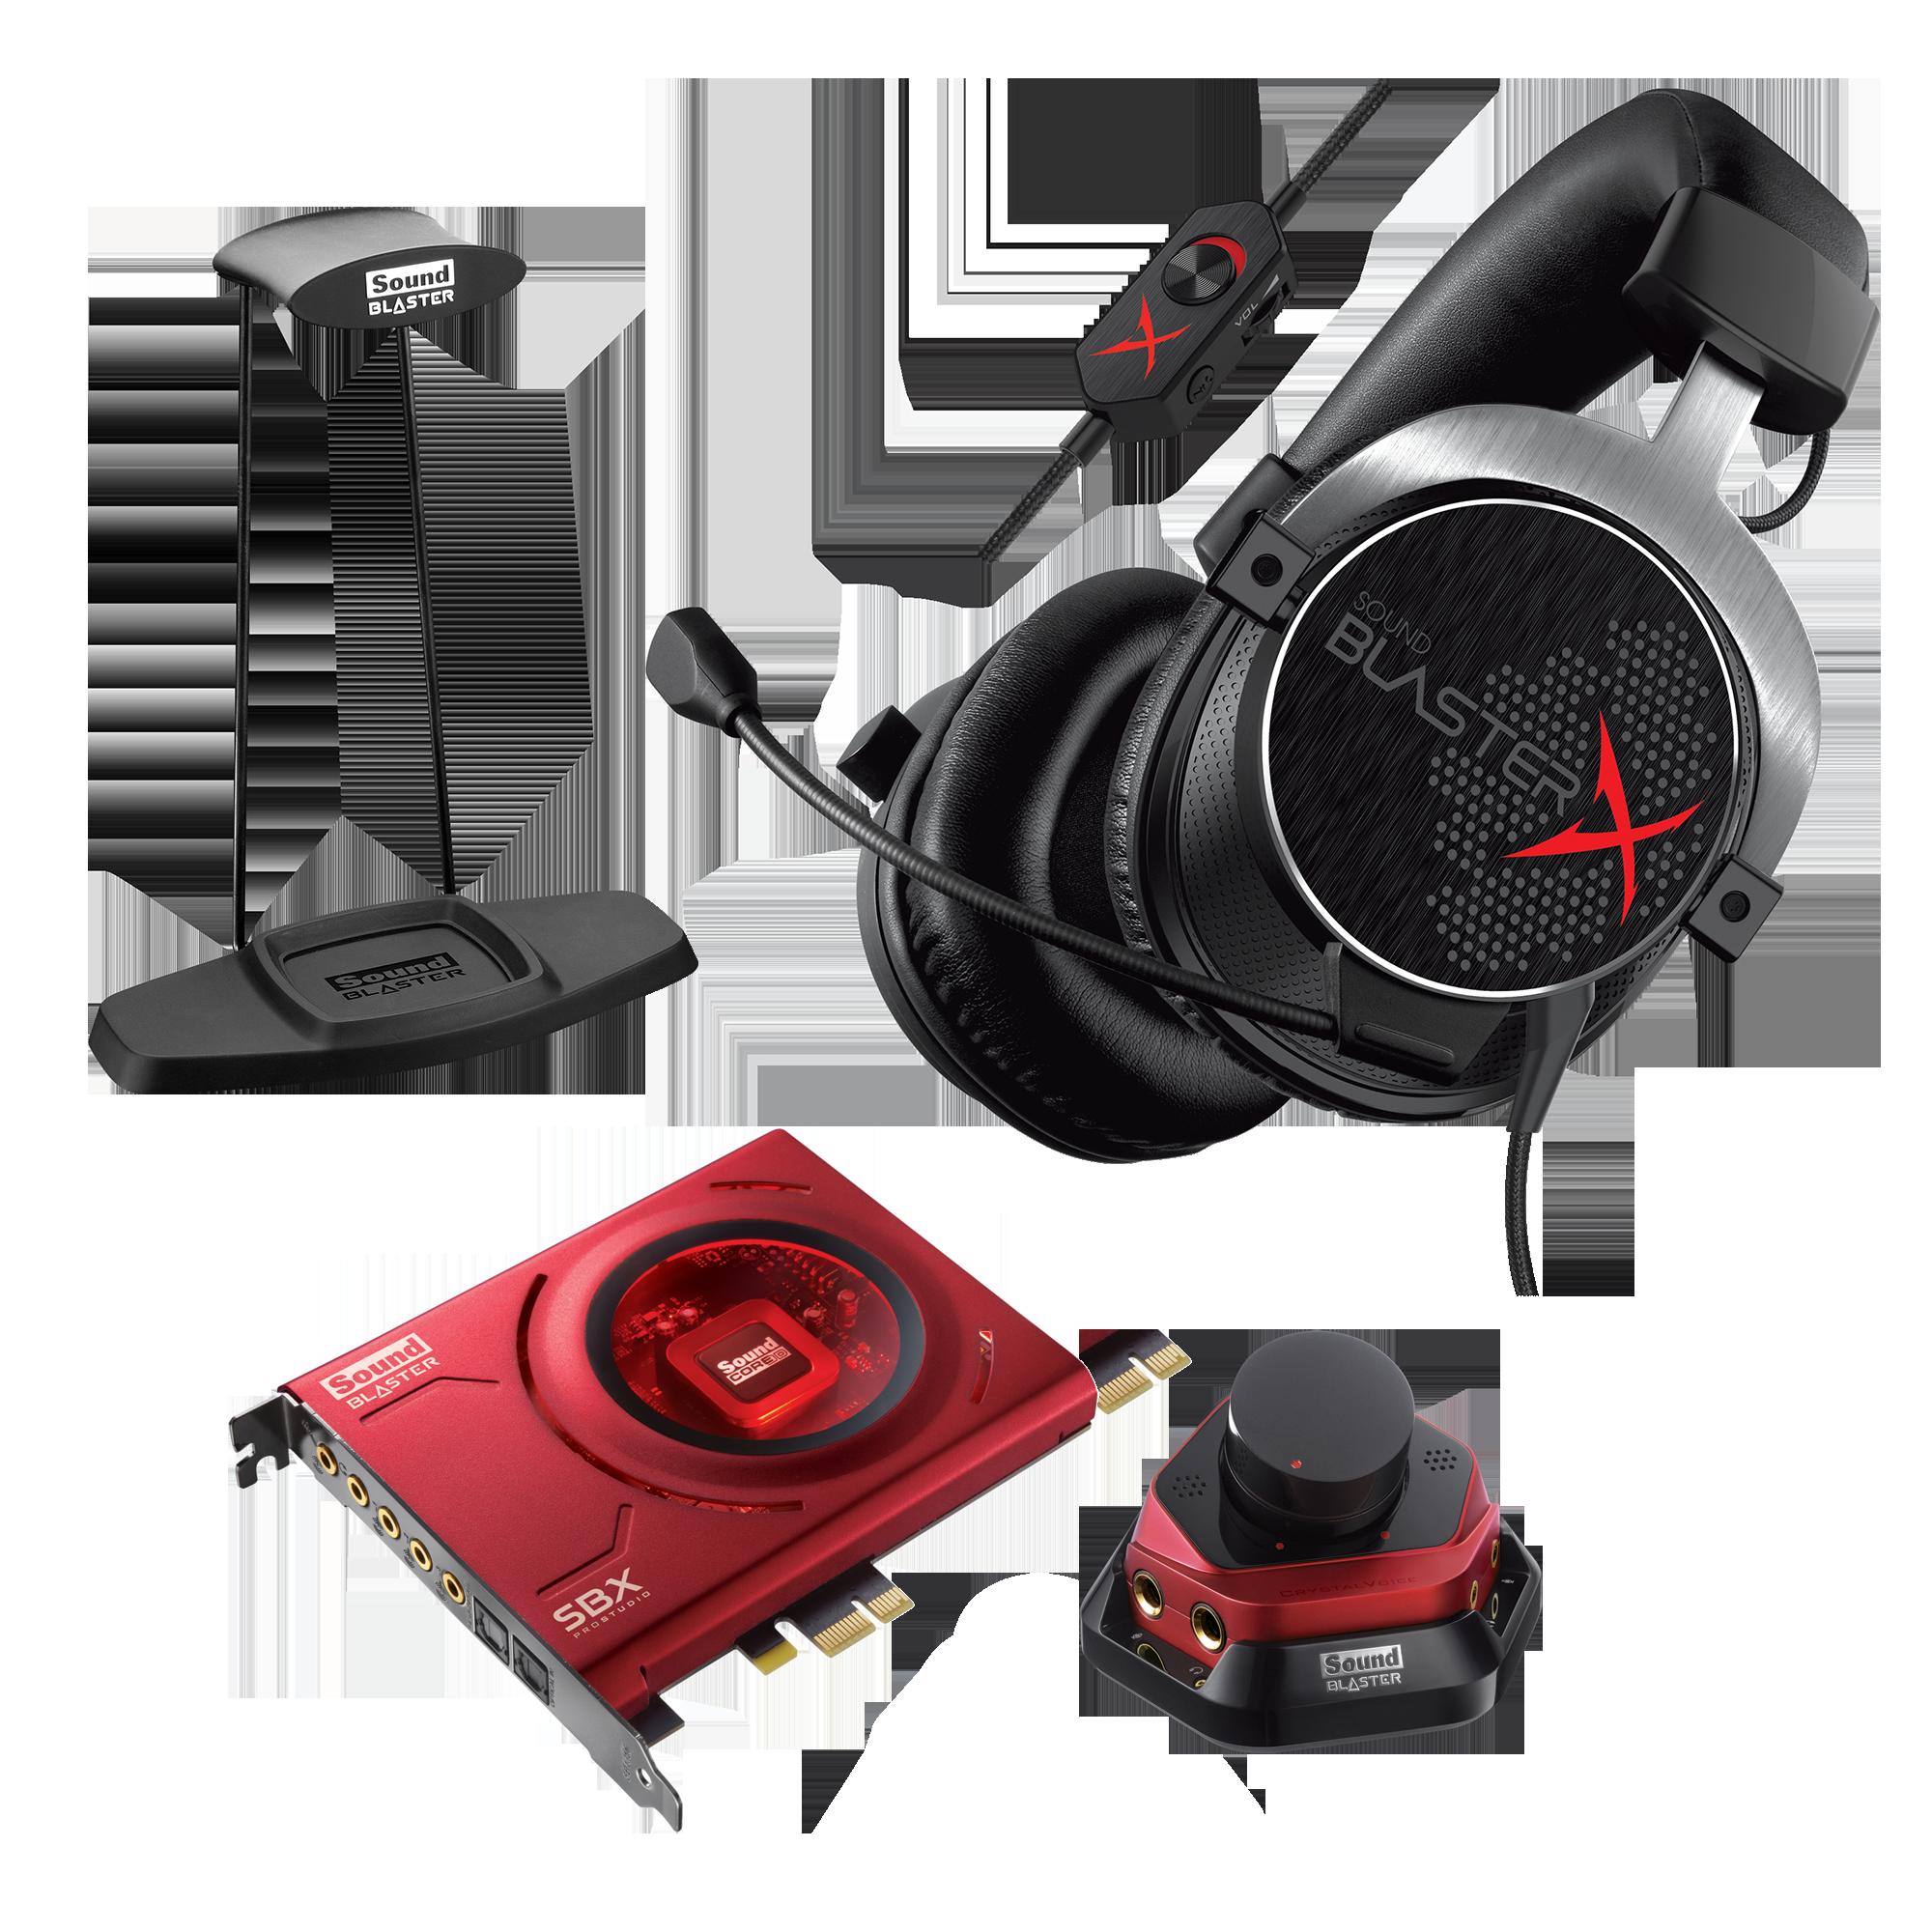 sound-blasterx-h5-gaming-bundle